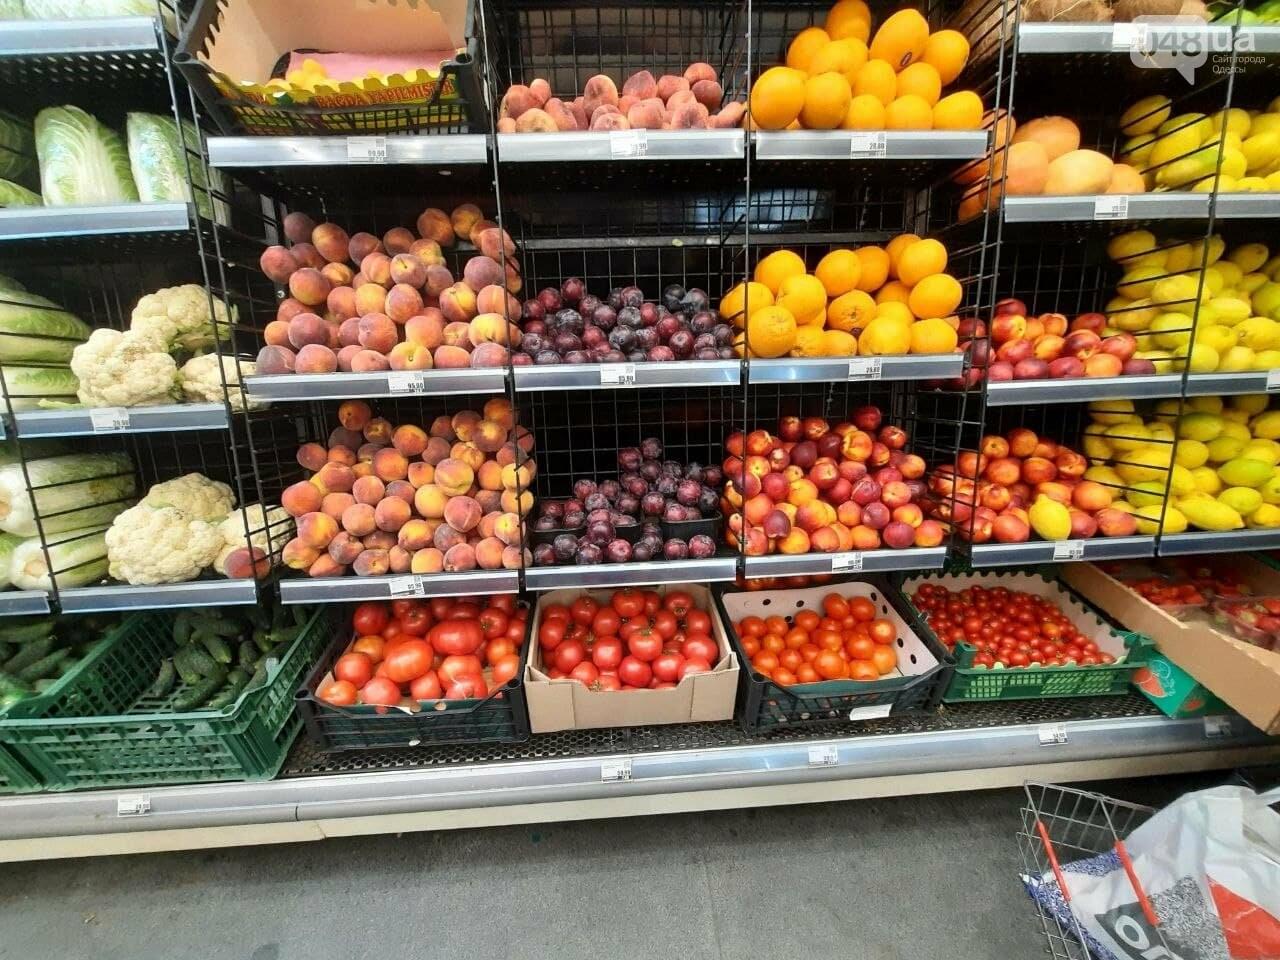 Клубника, черешня, нектарин: мониторинг цен на сезонные фрукты и ягоды в одесских супермаркетах, - ФОТО, фото-6